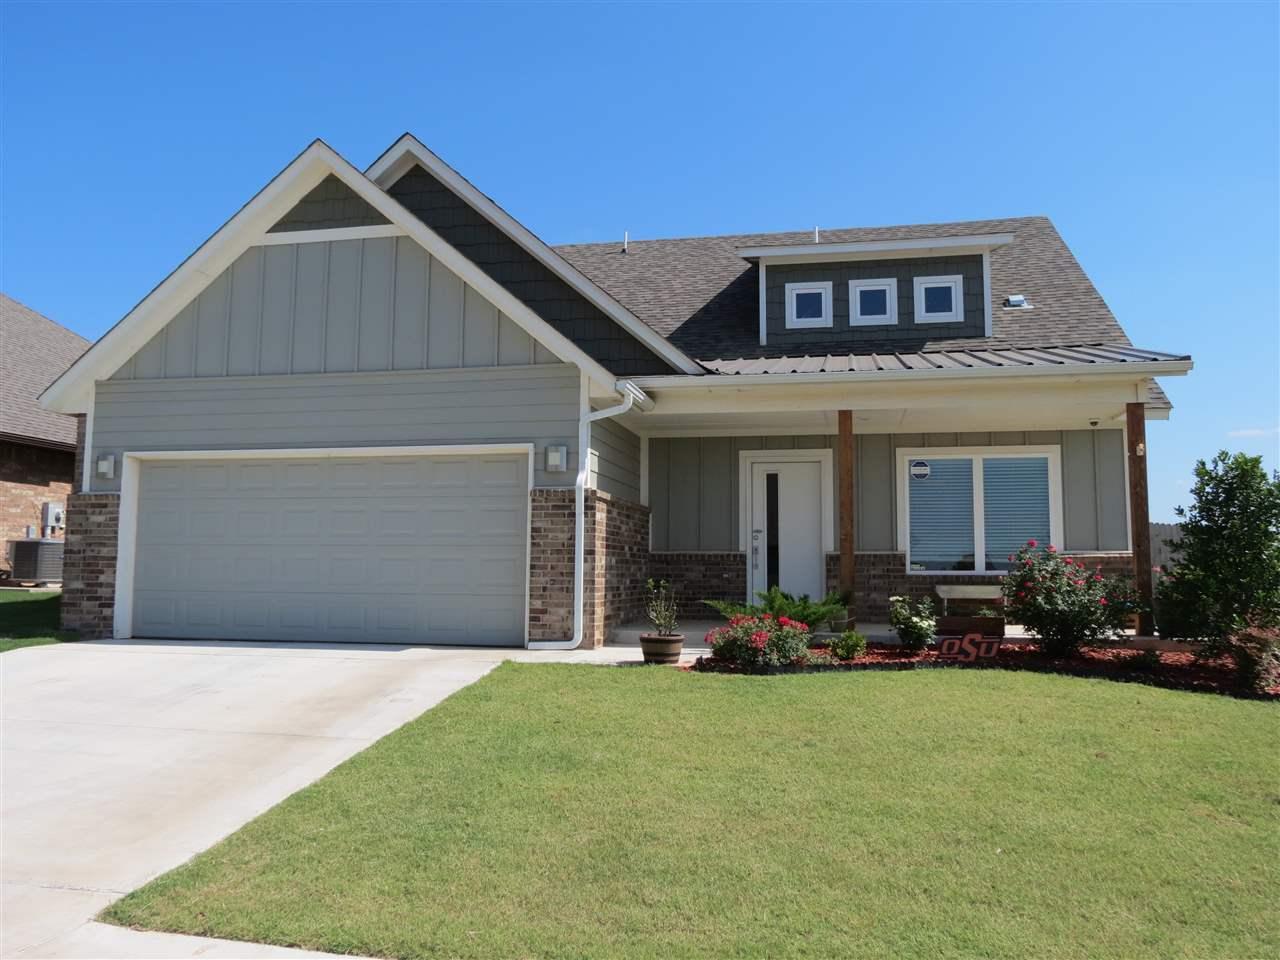 8332 NW 139th Terrace, Oklahoma City, OK 73142